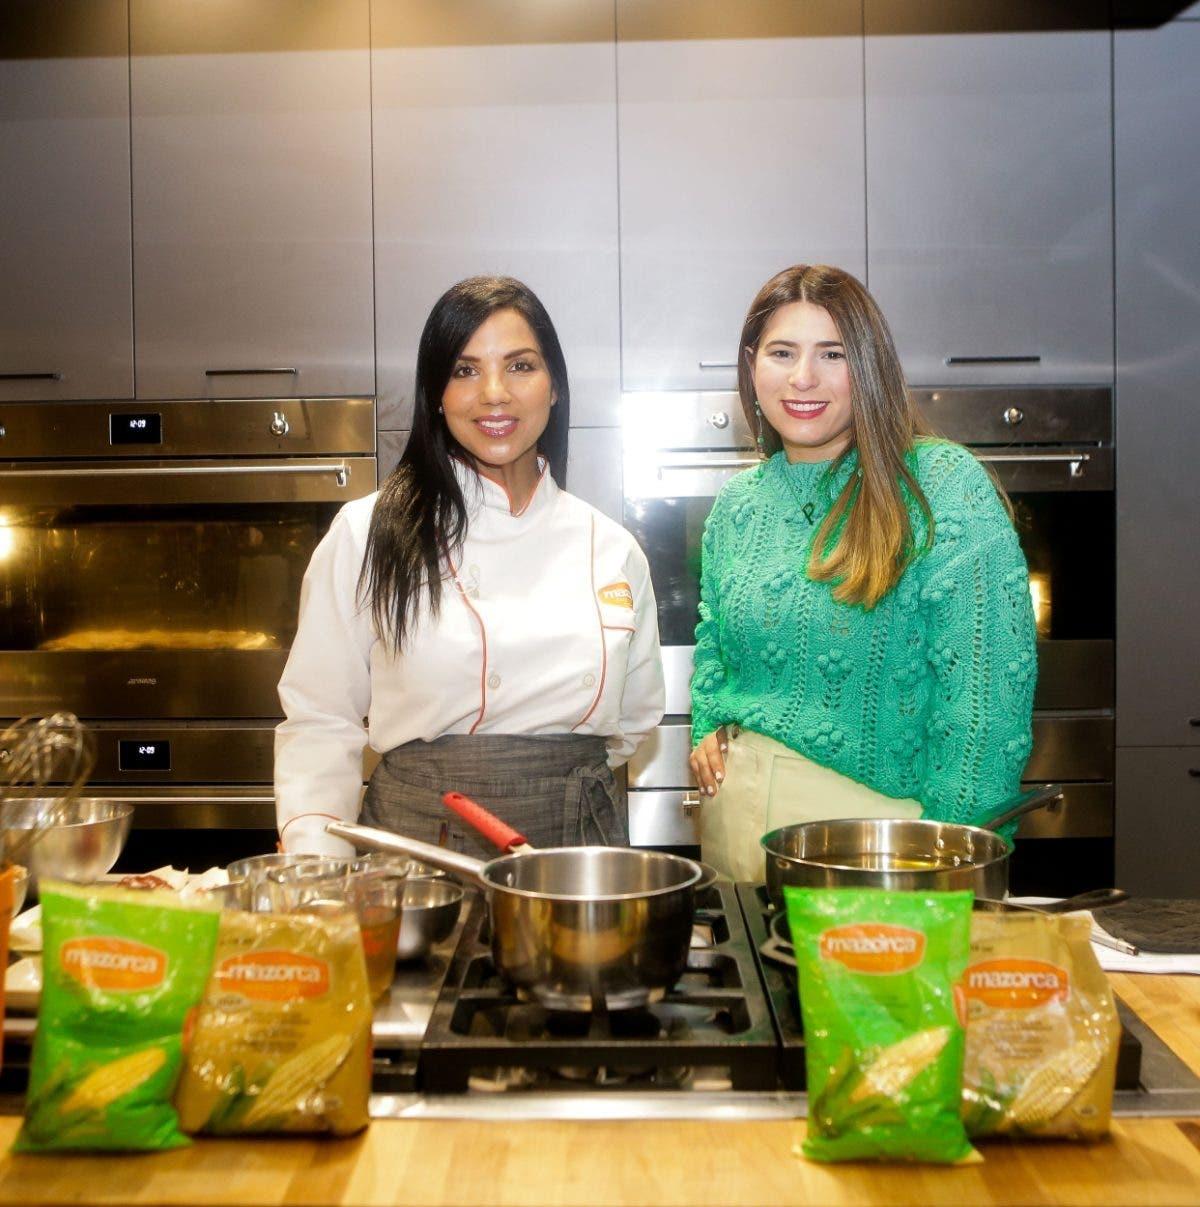 Crean saludables recetas con nueva versión harina